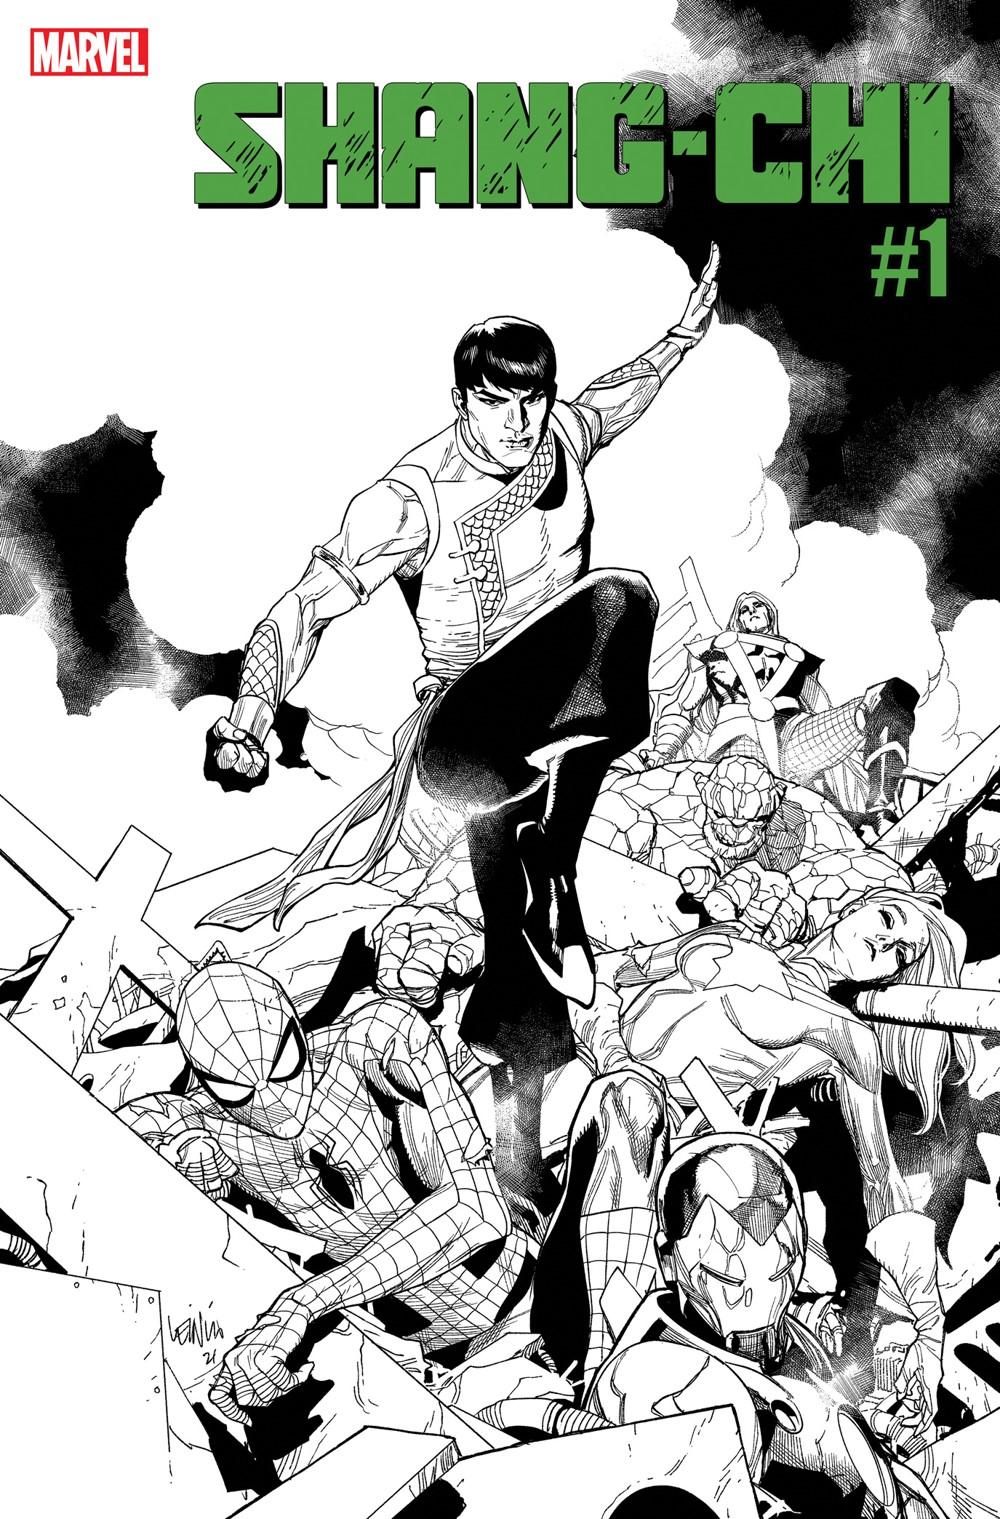 SHANGCHI2021001_SecondPrint ComicList: Marvel Comics New Releases for 08/04/2021